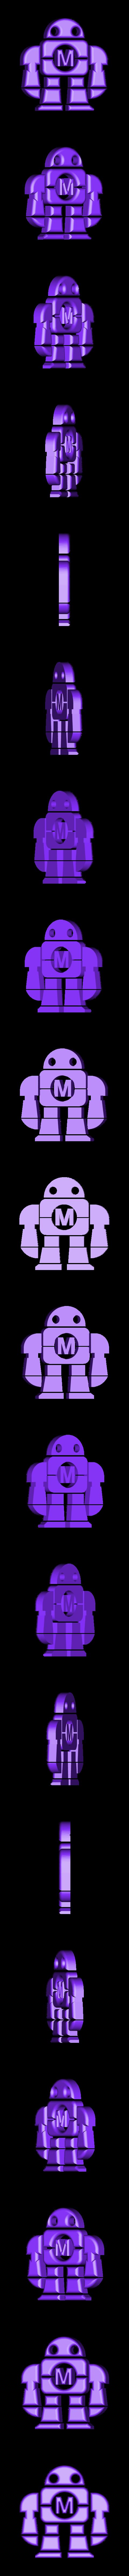 MakeRobot.STL Télécharger fichier STL gratuit Maker Faire LED Enseigne de robot / veilleuse de nuit • Objet à imprimer en 3D, Balkhagal4D